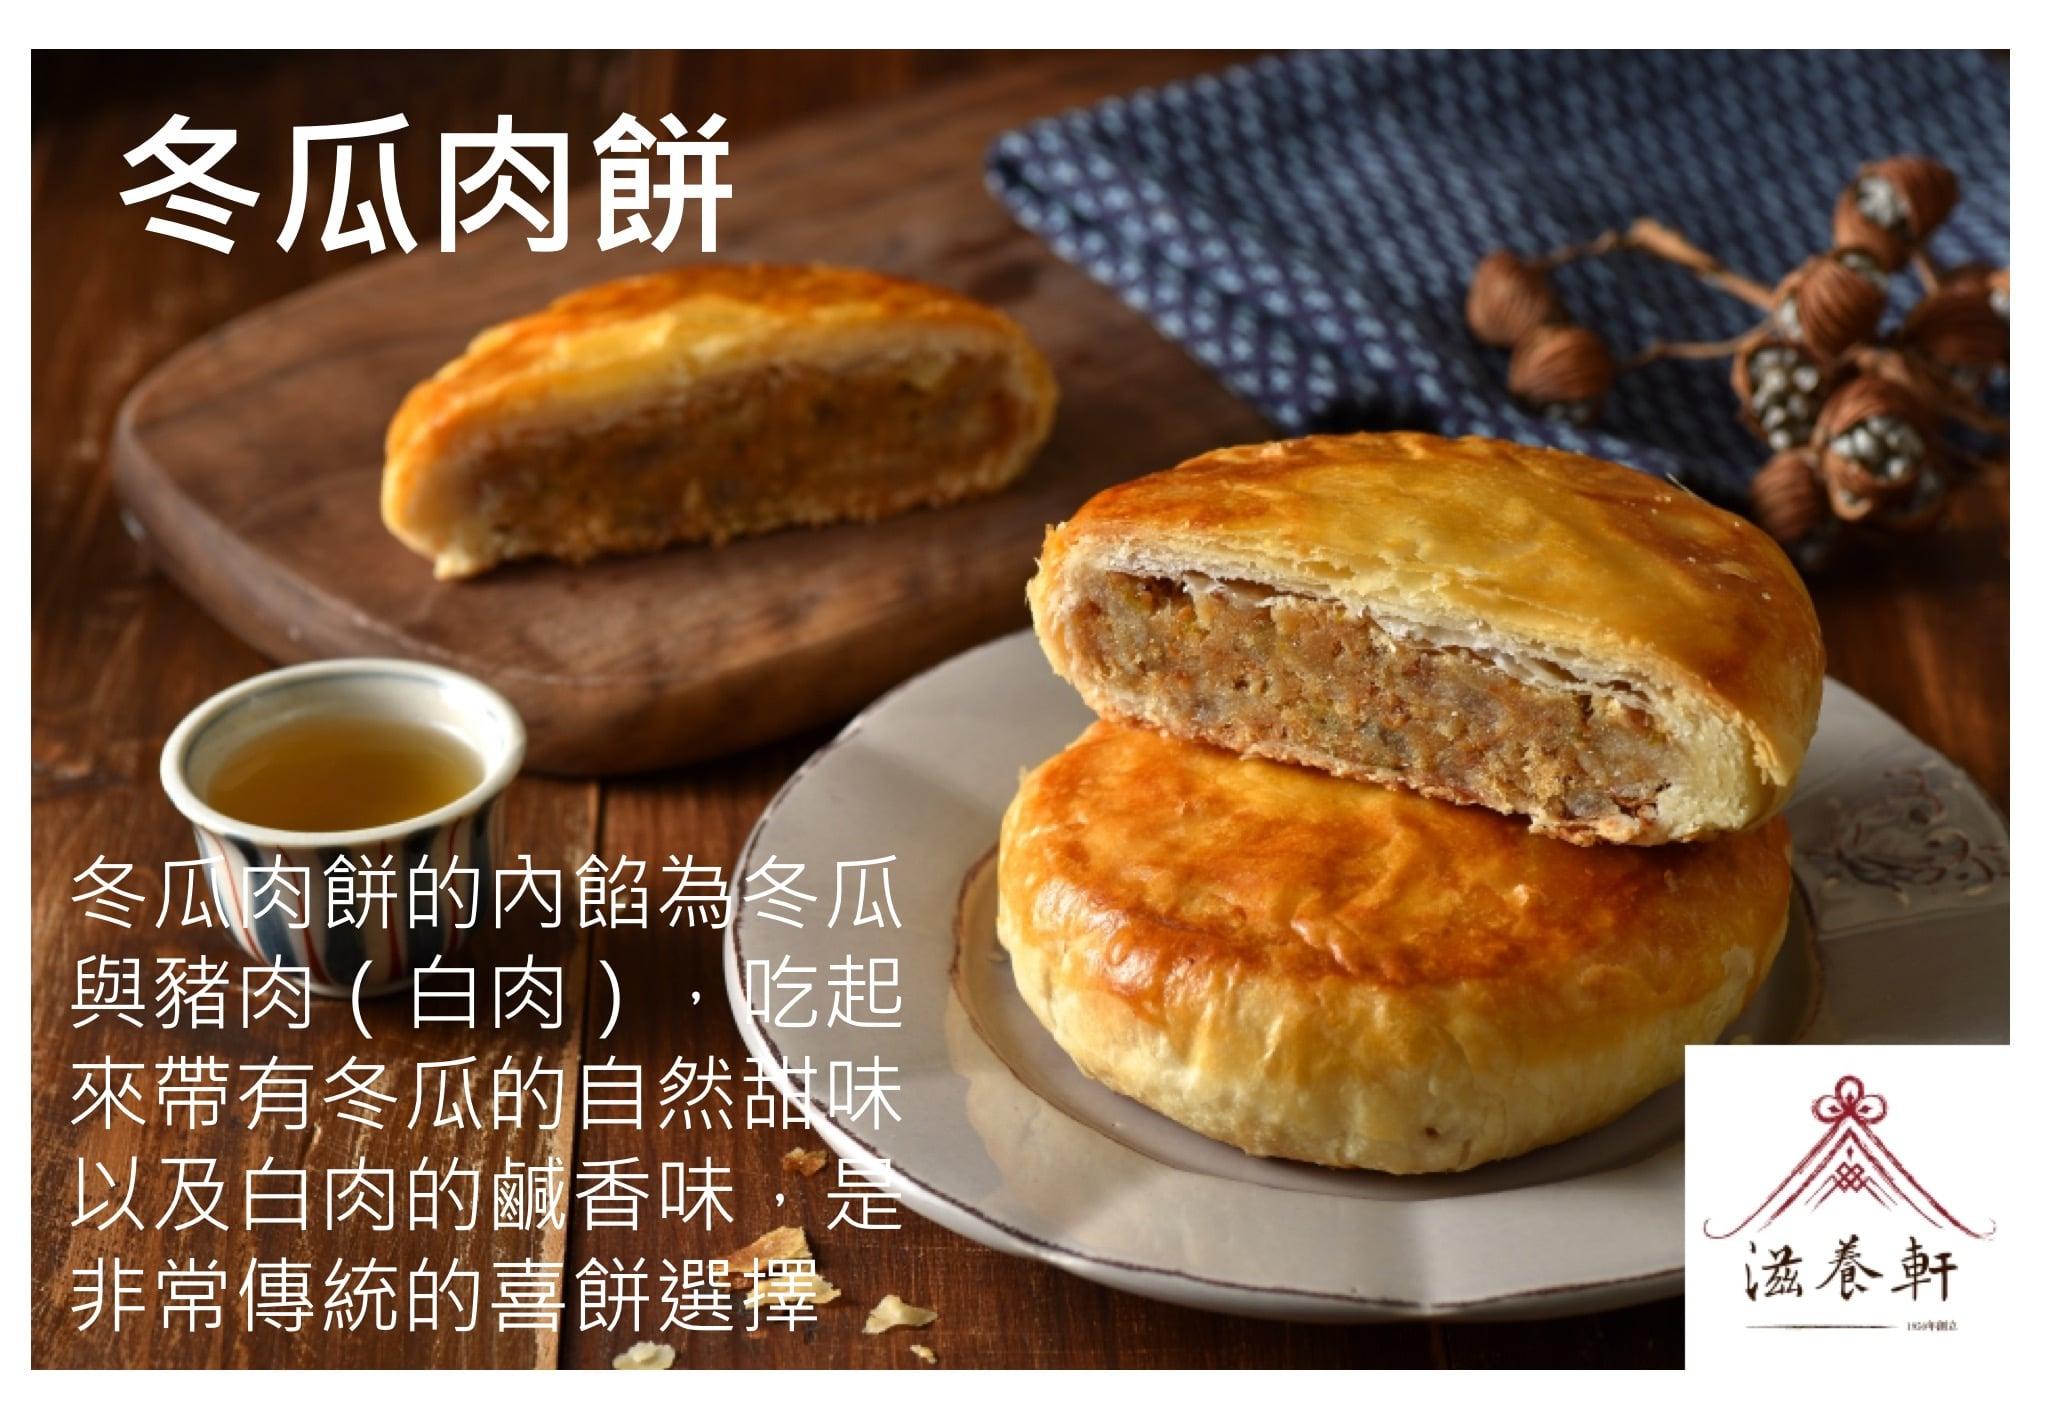 滋養軒冬瓜肉餅介紹